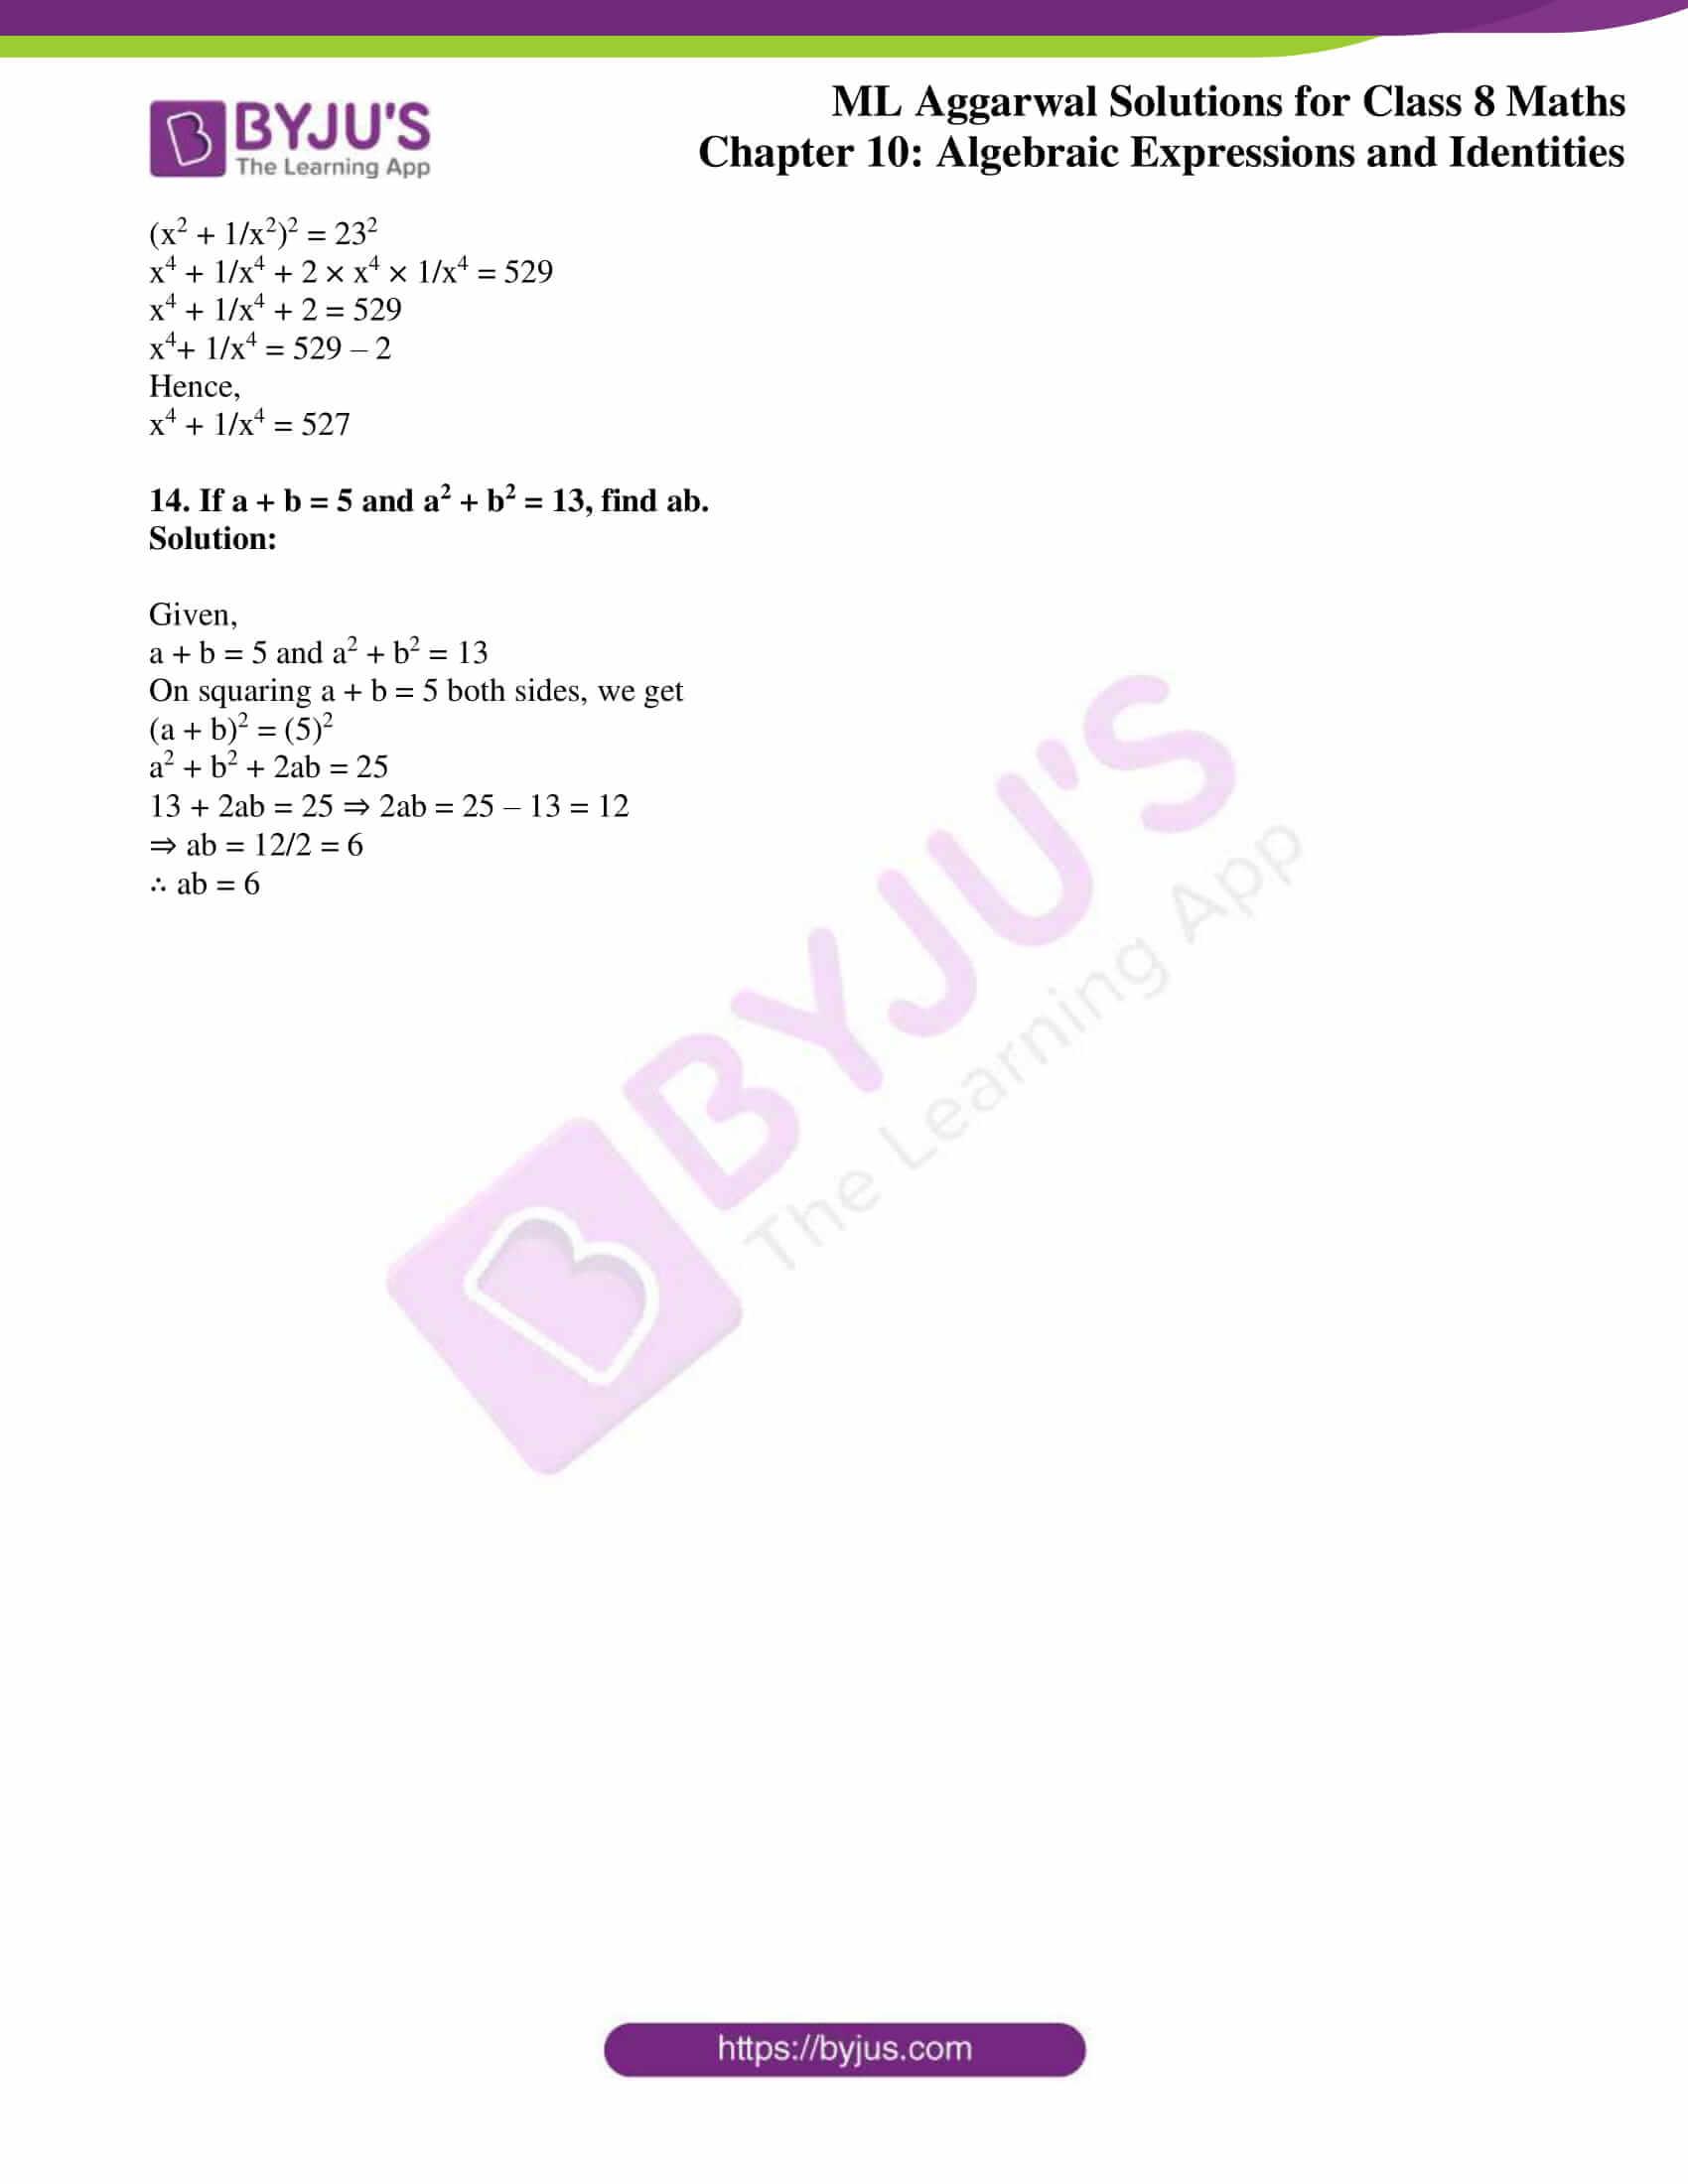 ml aggarwal sol mathematics class 8 ch 10 31